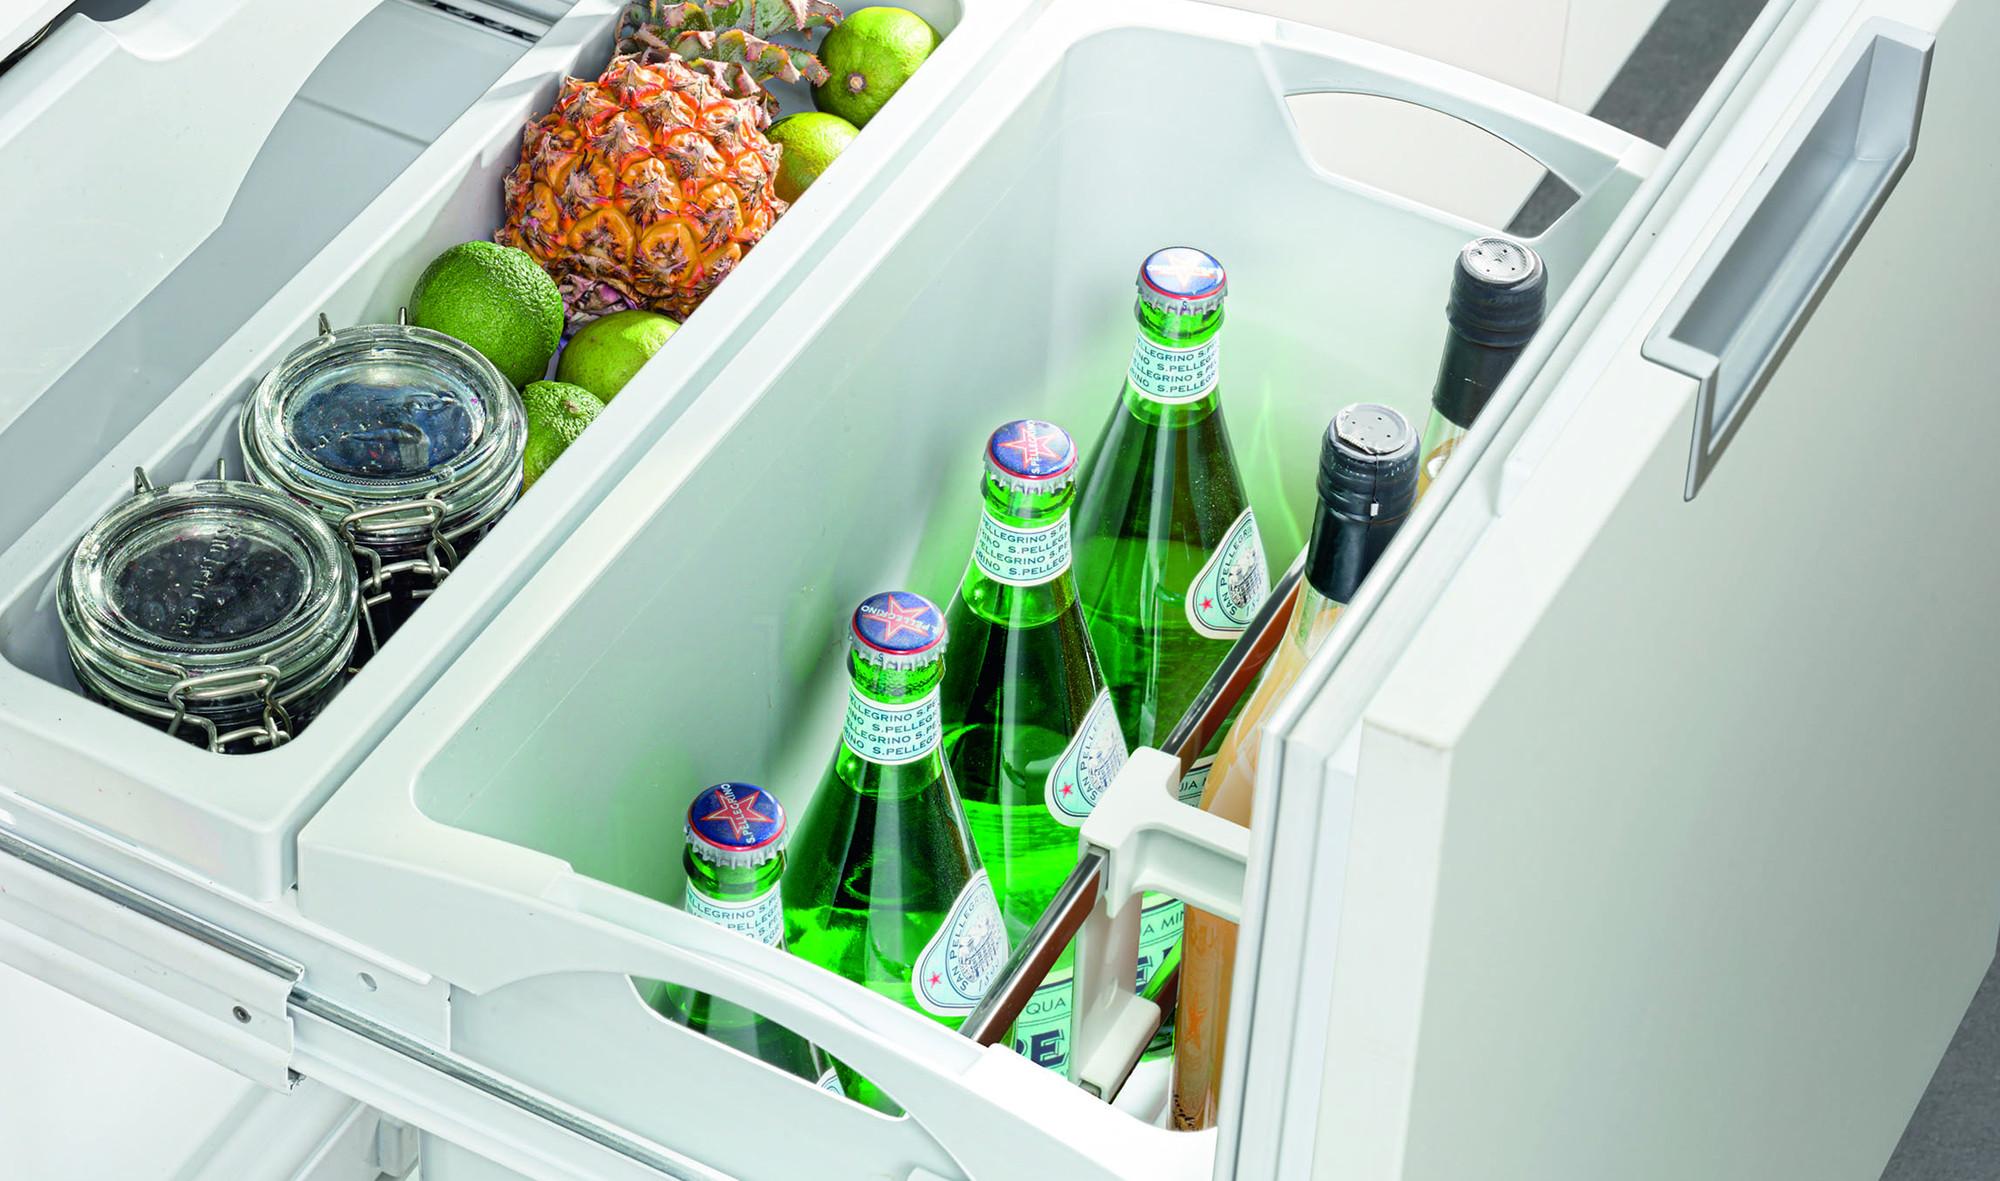 Flaschen im Kellerfach des Kühlschranks Liebherr IKBV 3264